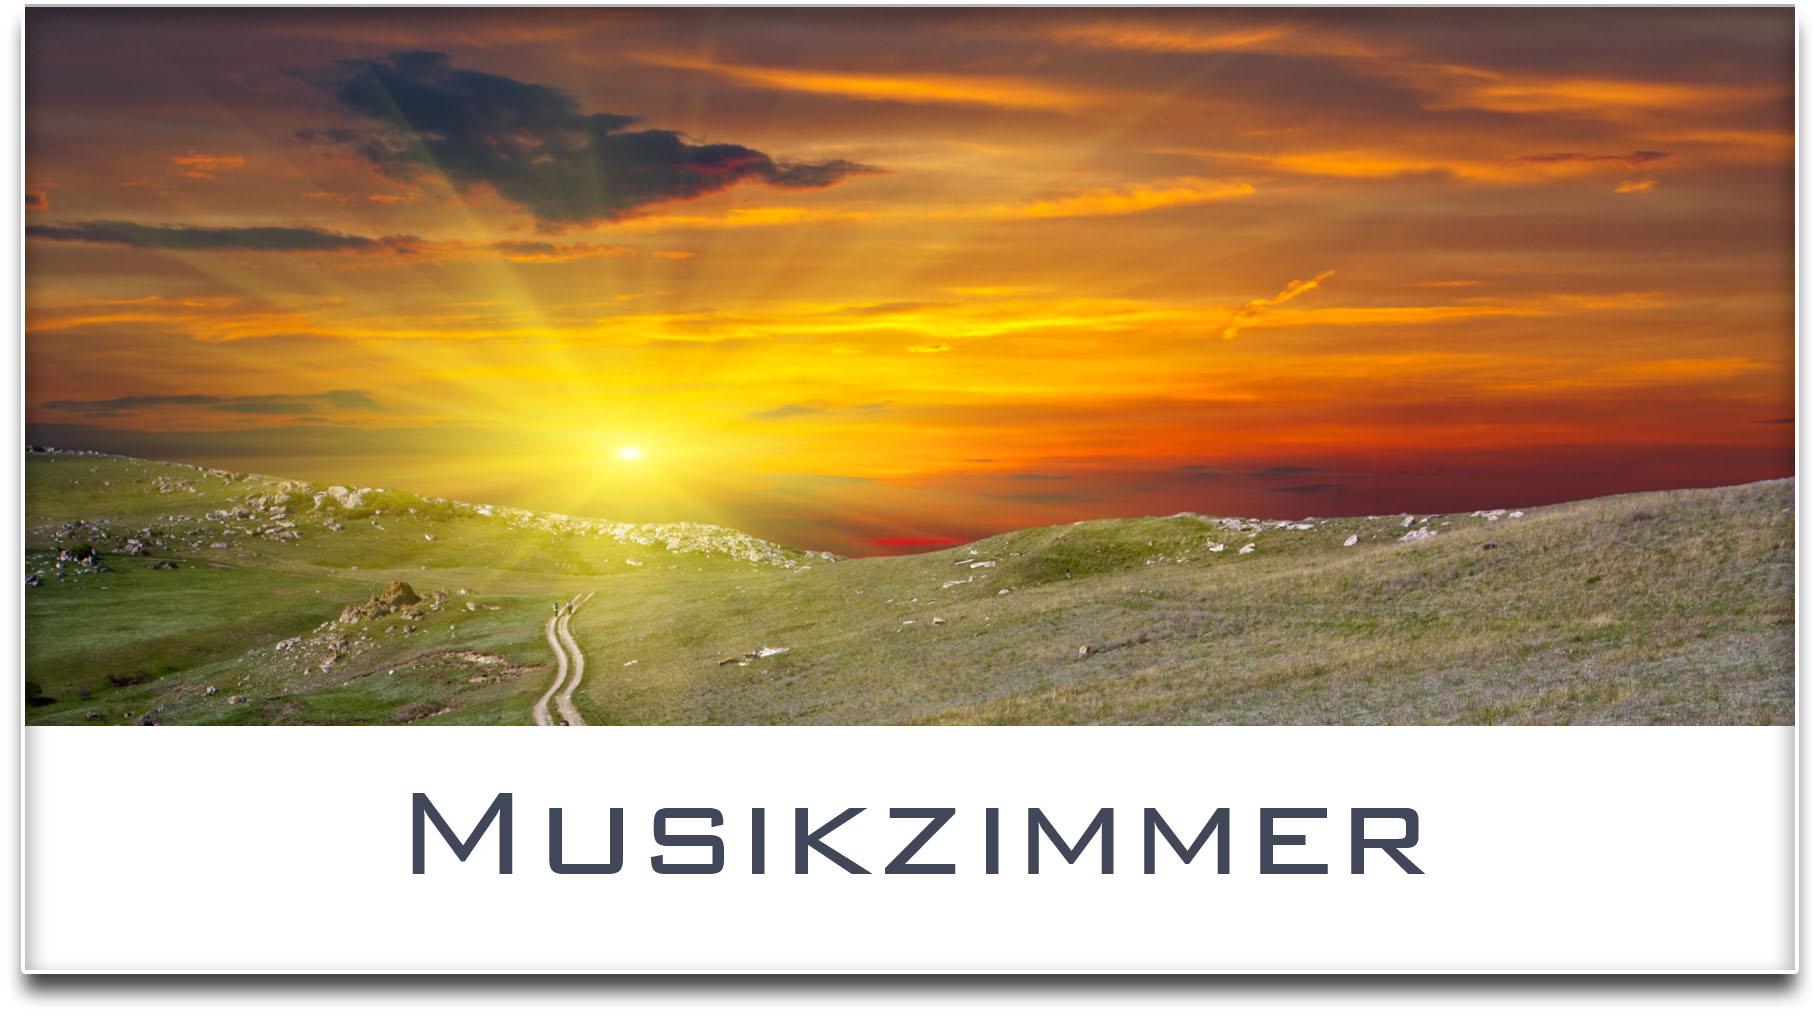 Türschild / Haustürschild / Sonnenuntergang / Musikzimmer / Selbstklebend